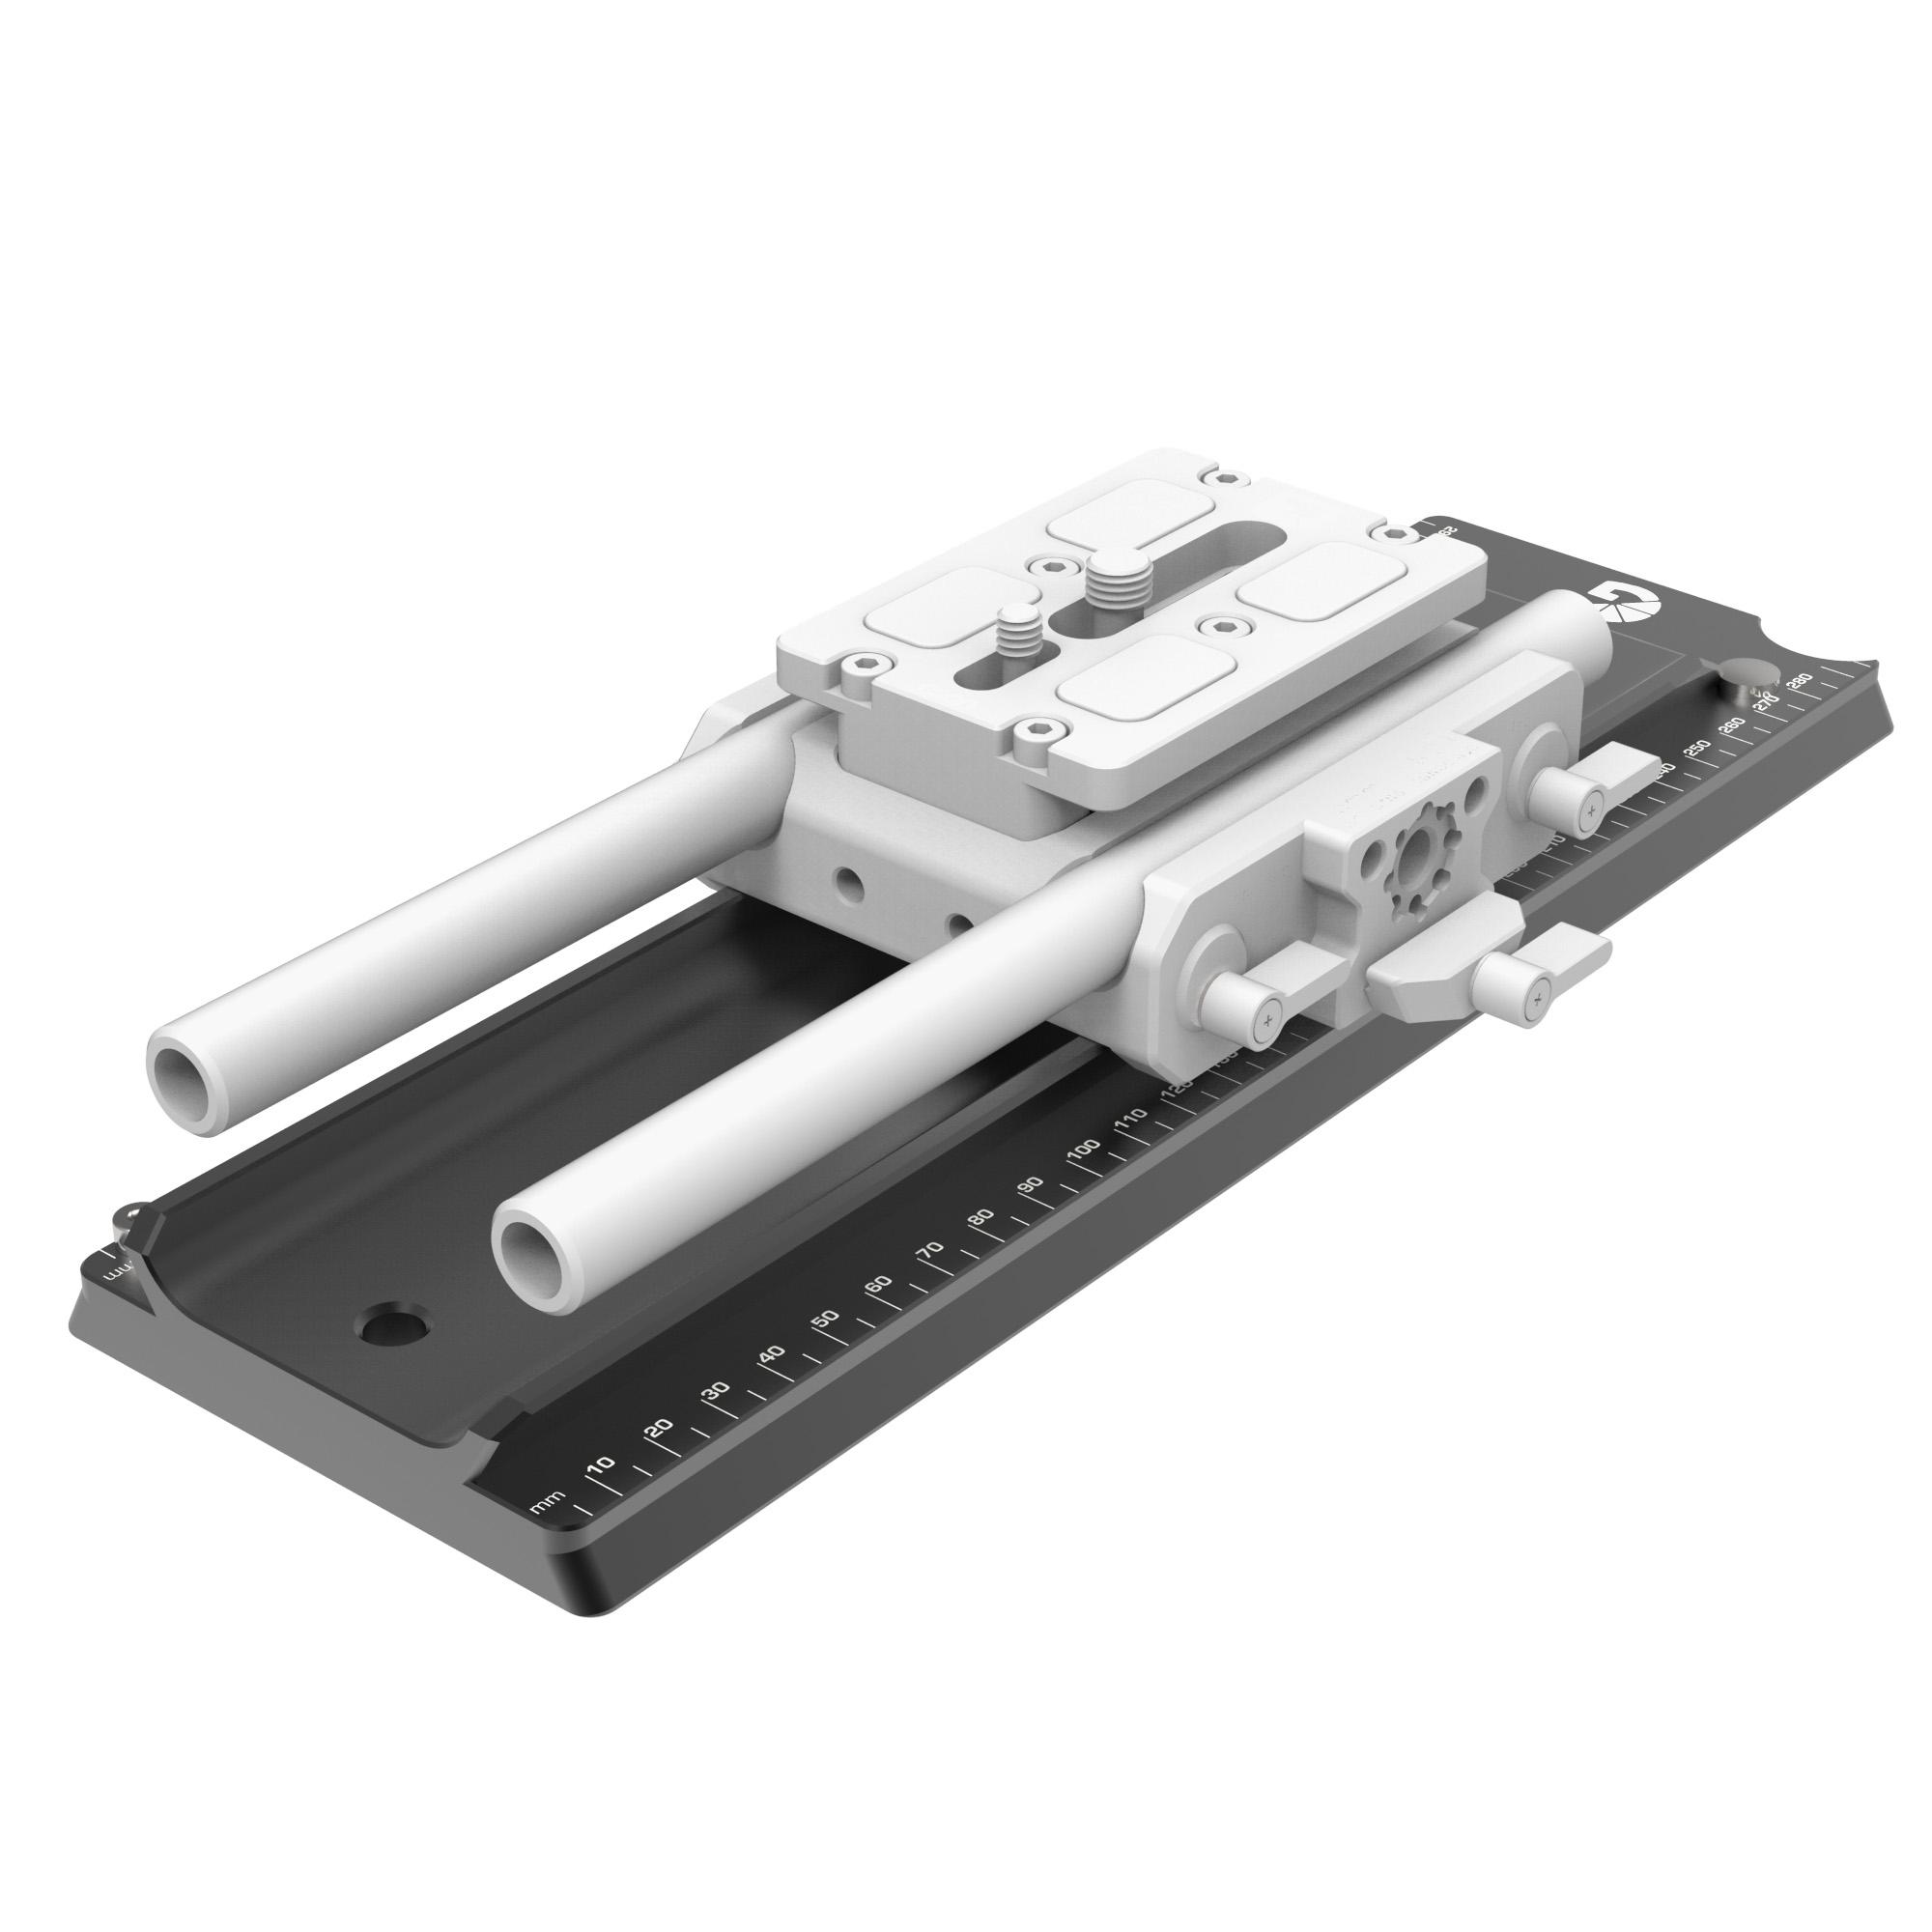 B4003.1009 ARRI Standard Dovetail 300mm 5